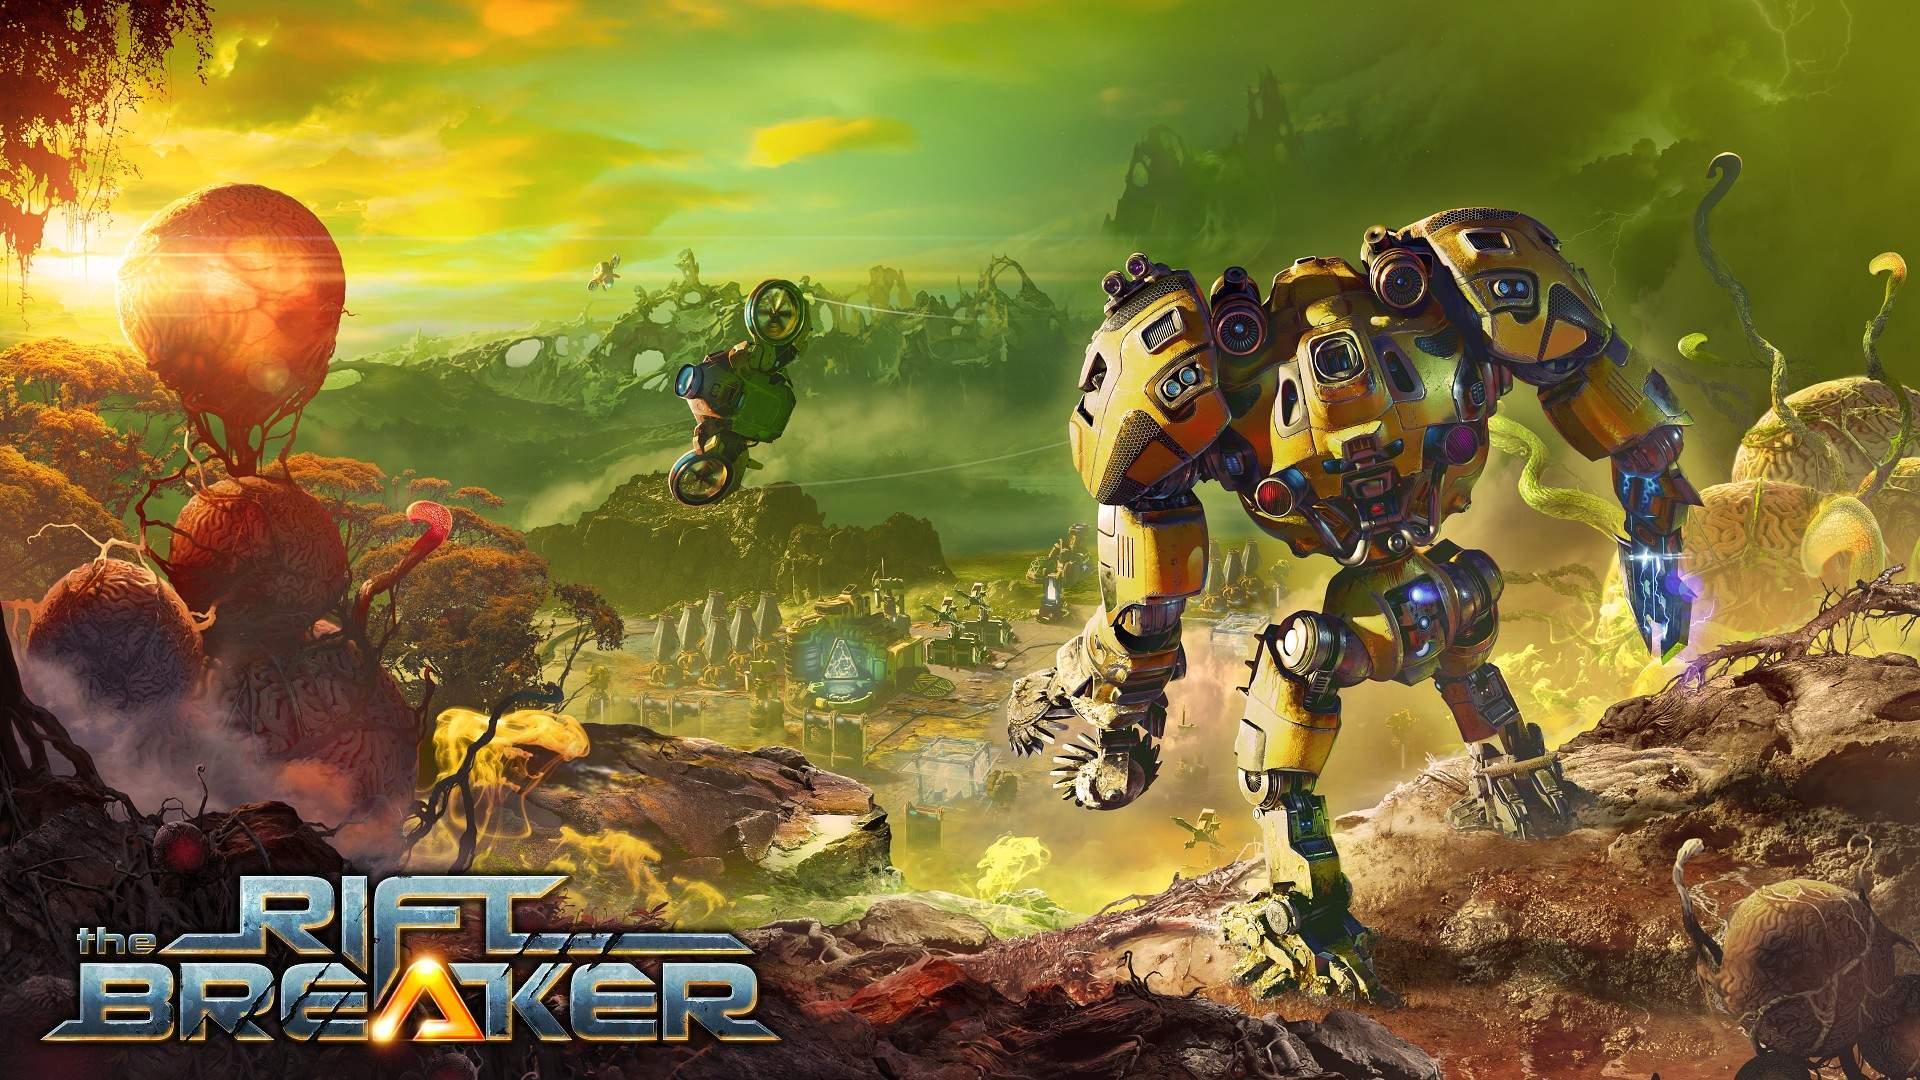 Il videogioco di ruolo The Riftbreaker uscirà il 14 ottobre con Xbox Game Pass